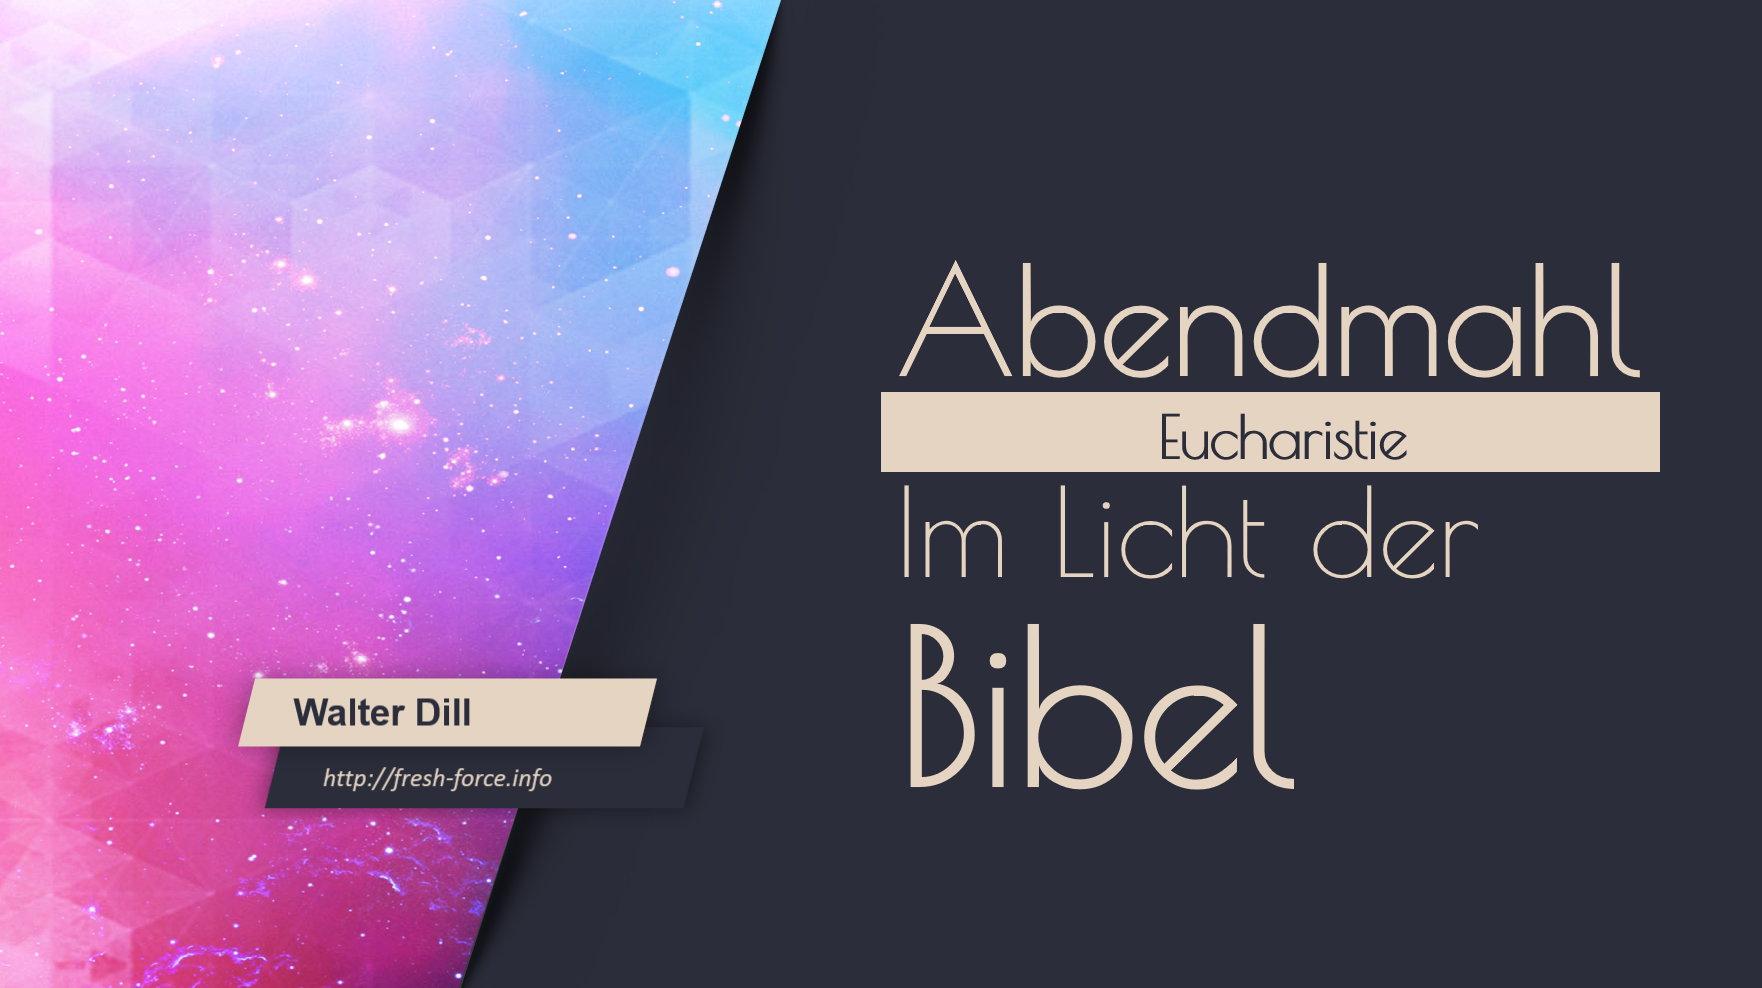 03. Abendmahl im Licht der Bibel